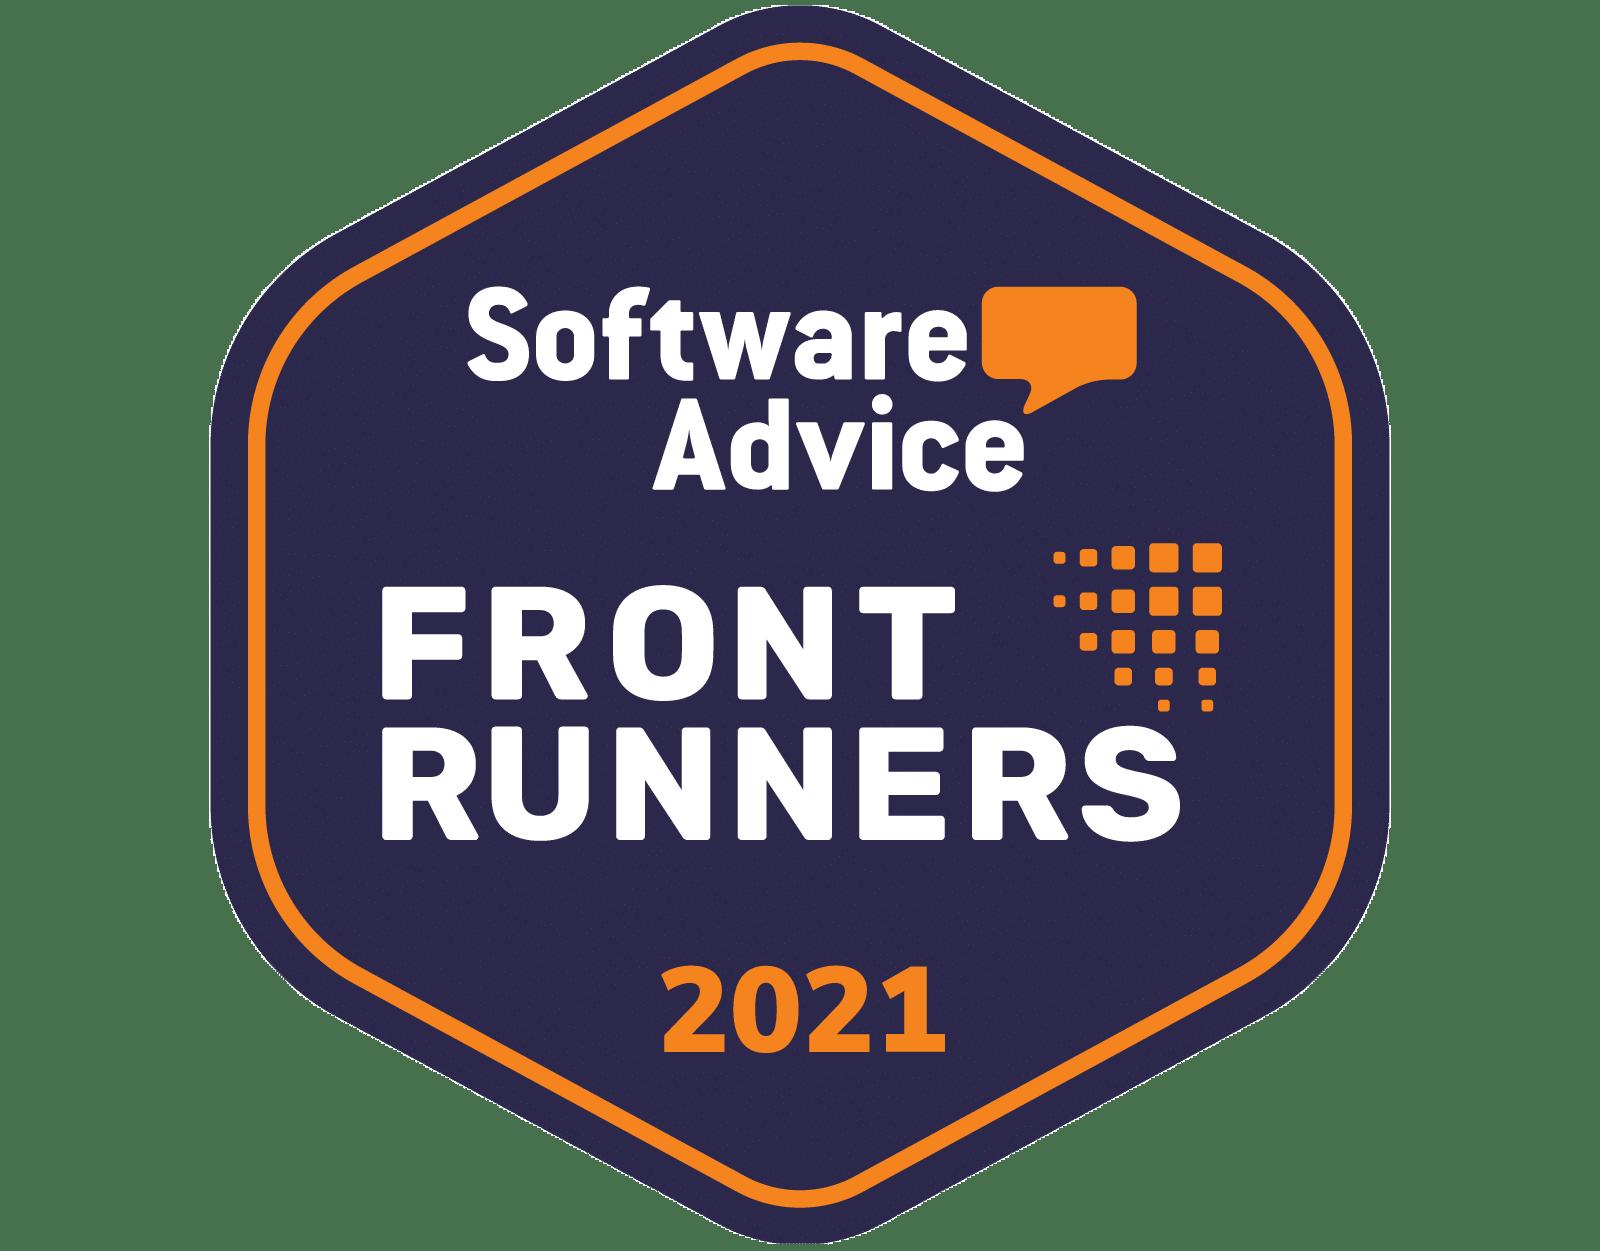 SoftwareAdvice FrontRunners